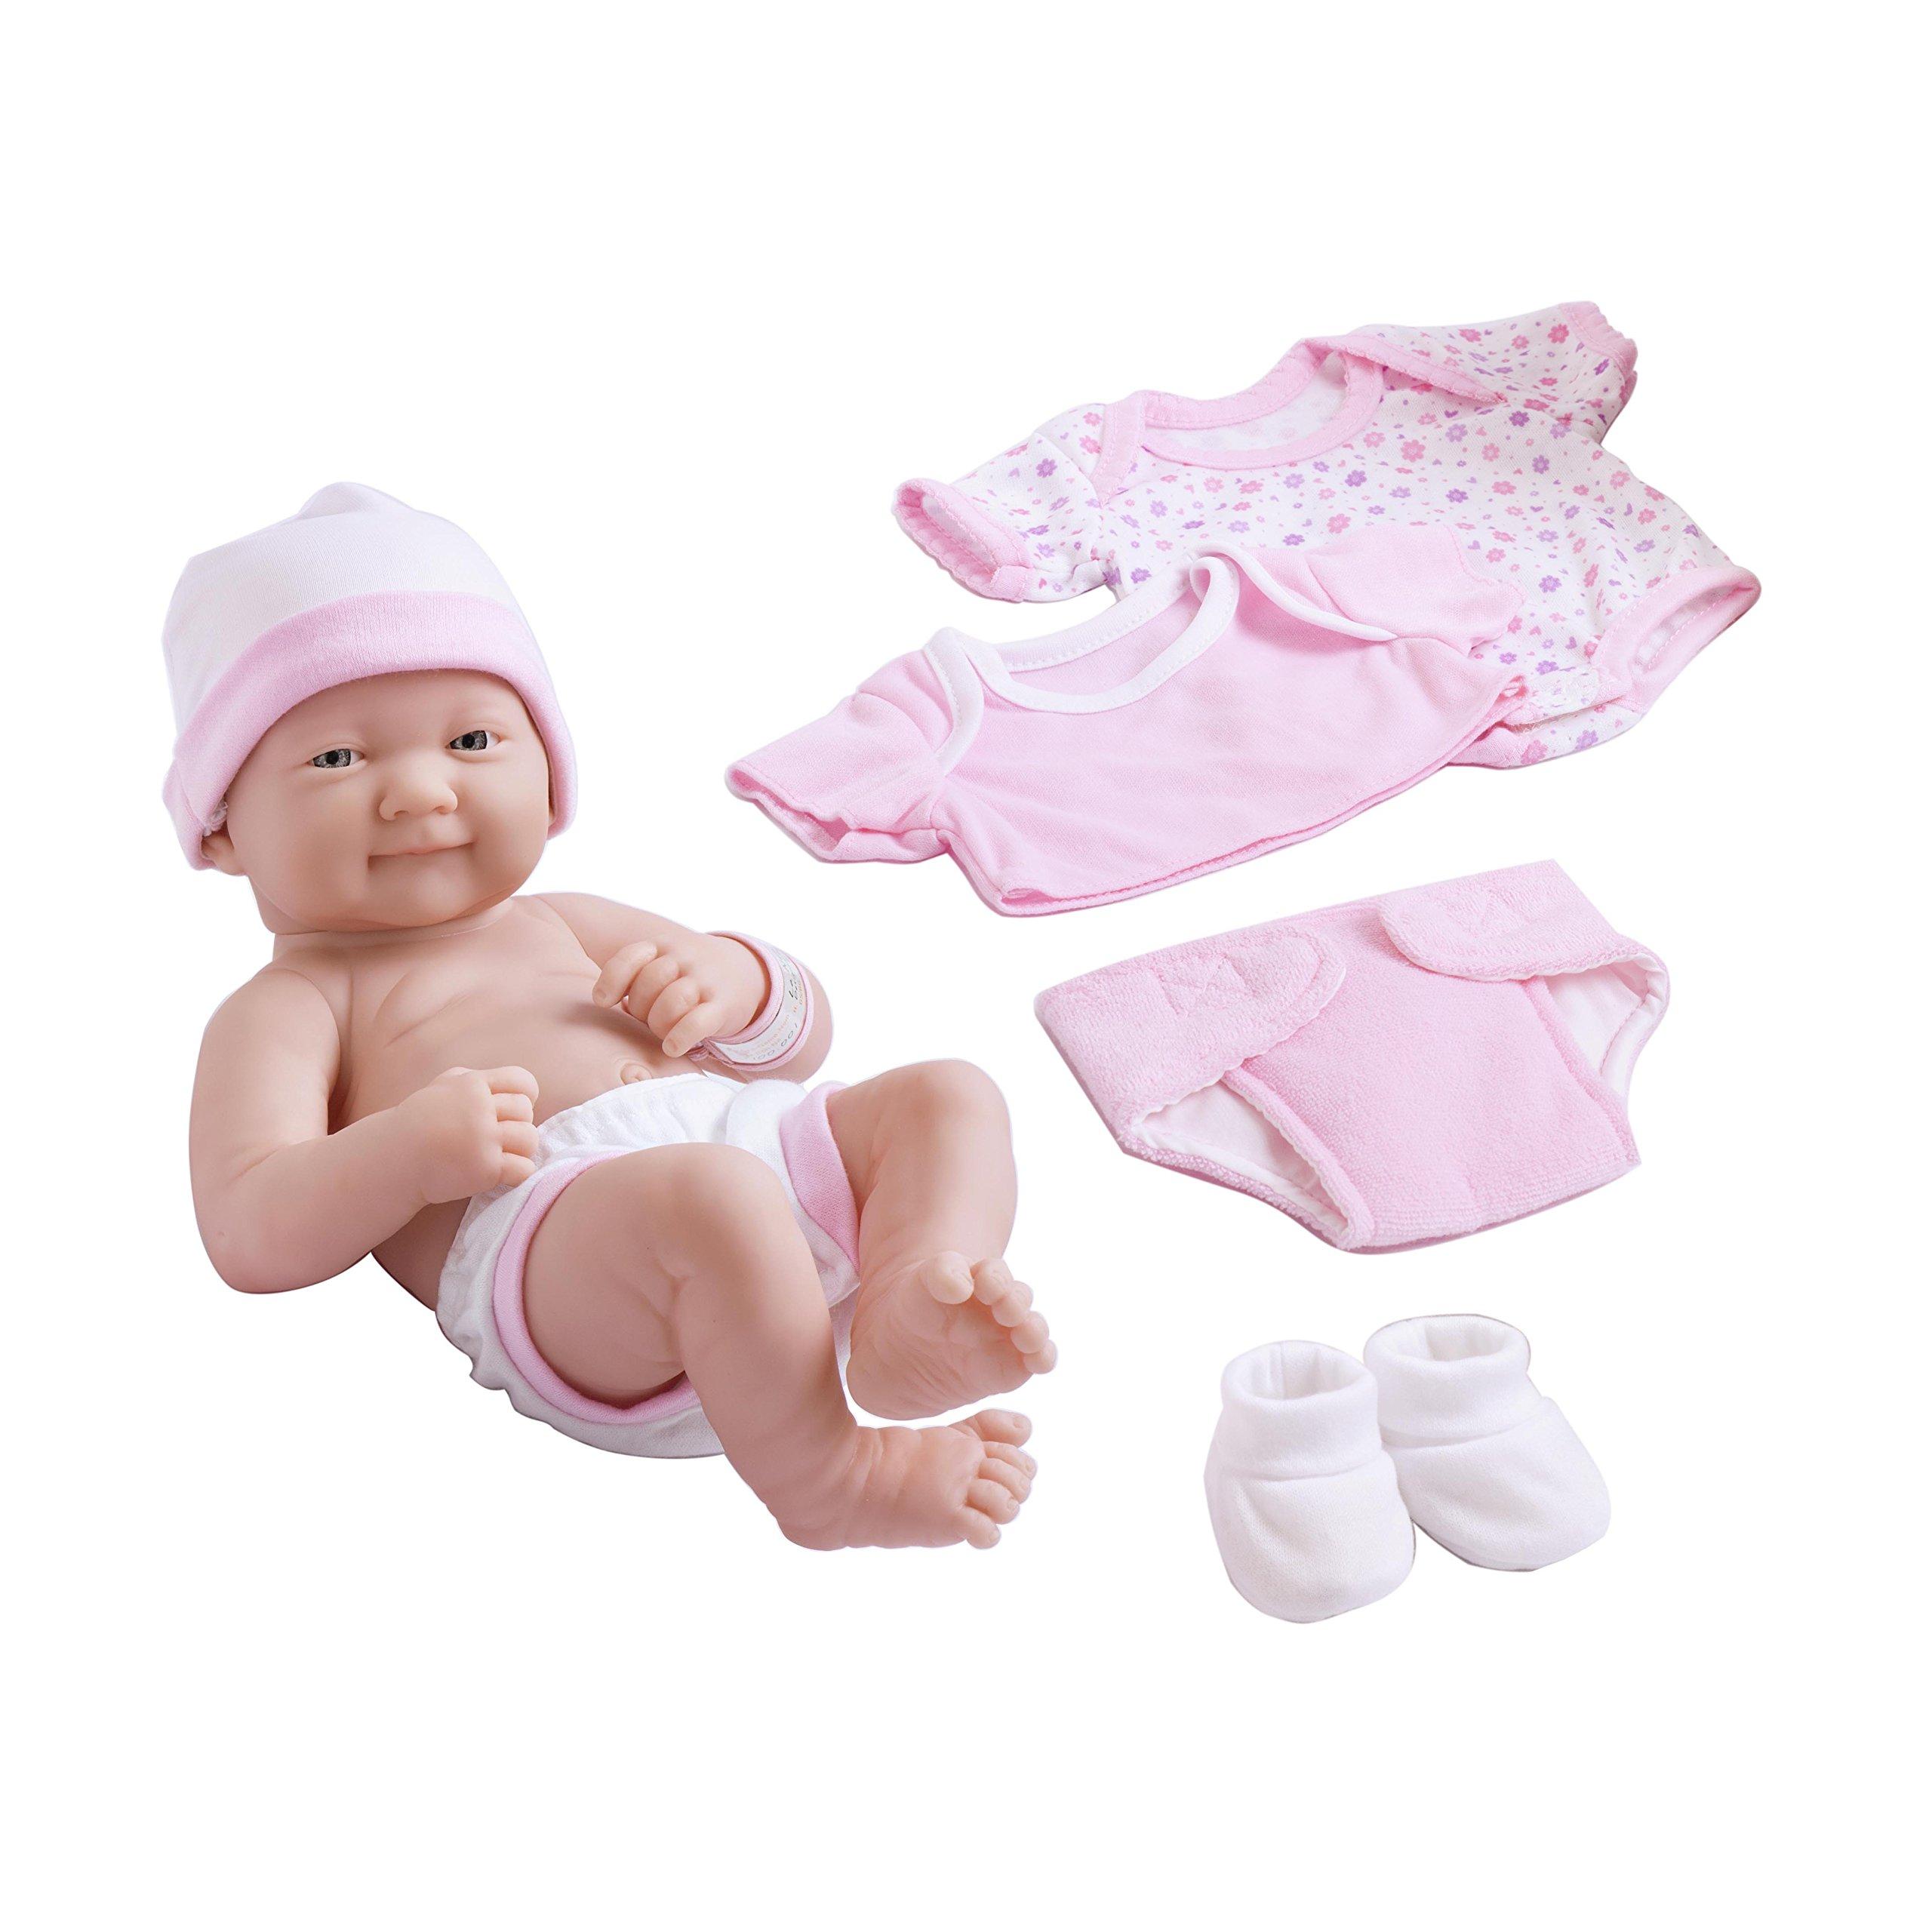 Realistic Baby Girl Doll Reborn Newborn Dolls+Clothes 14inch ...